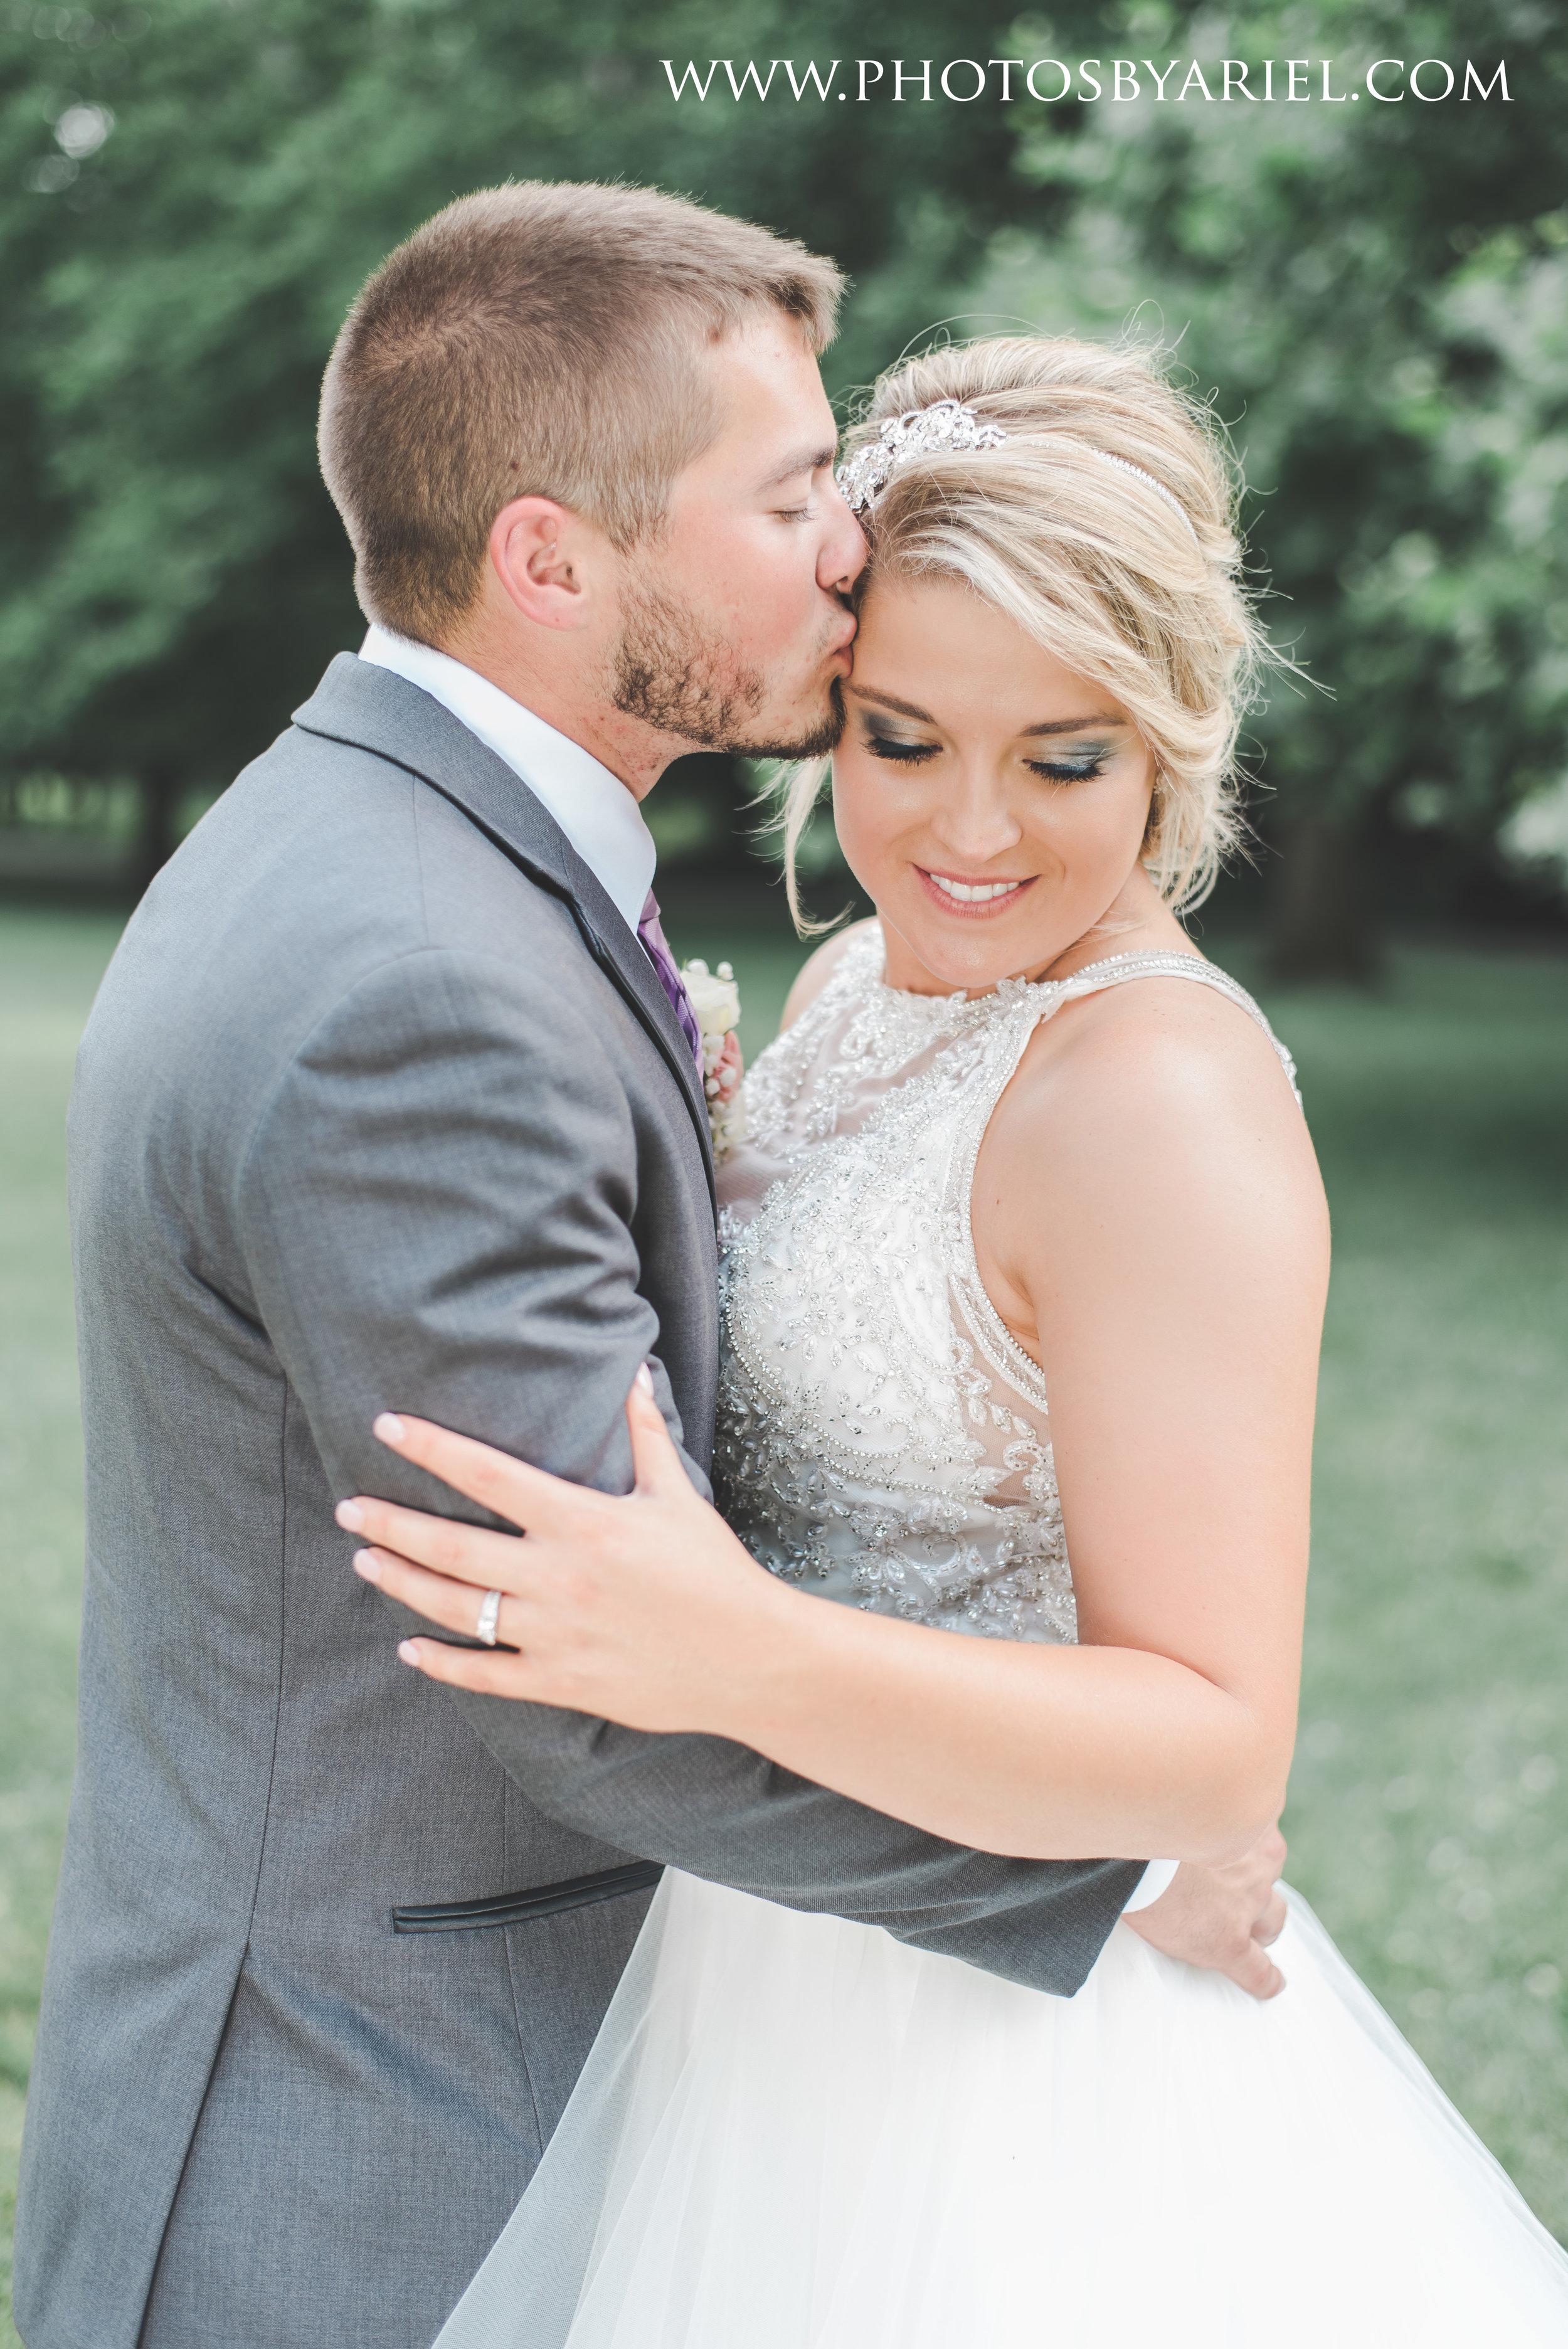 wedding photographer in central illinois, lincoln illinois, bloomington illinois, springfield illinois, peoria illinois